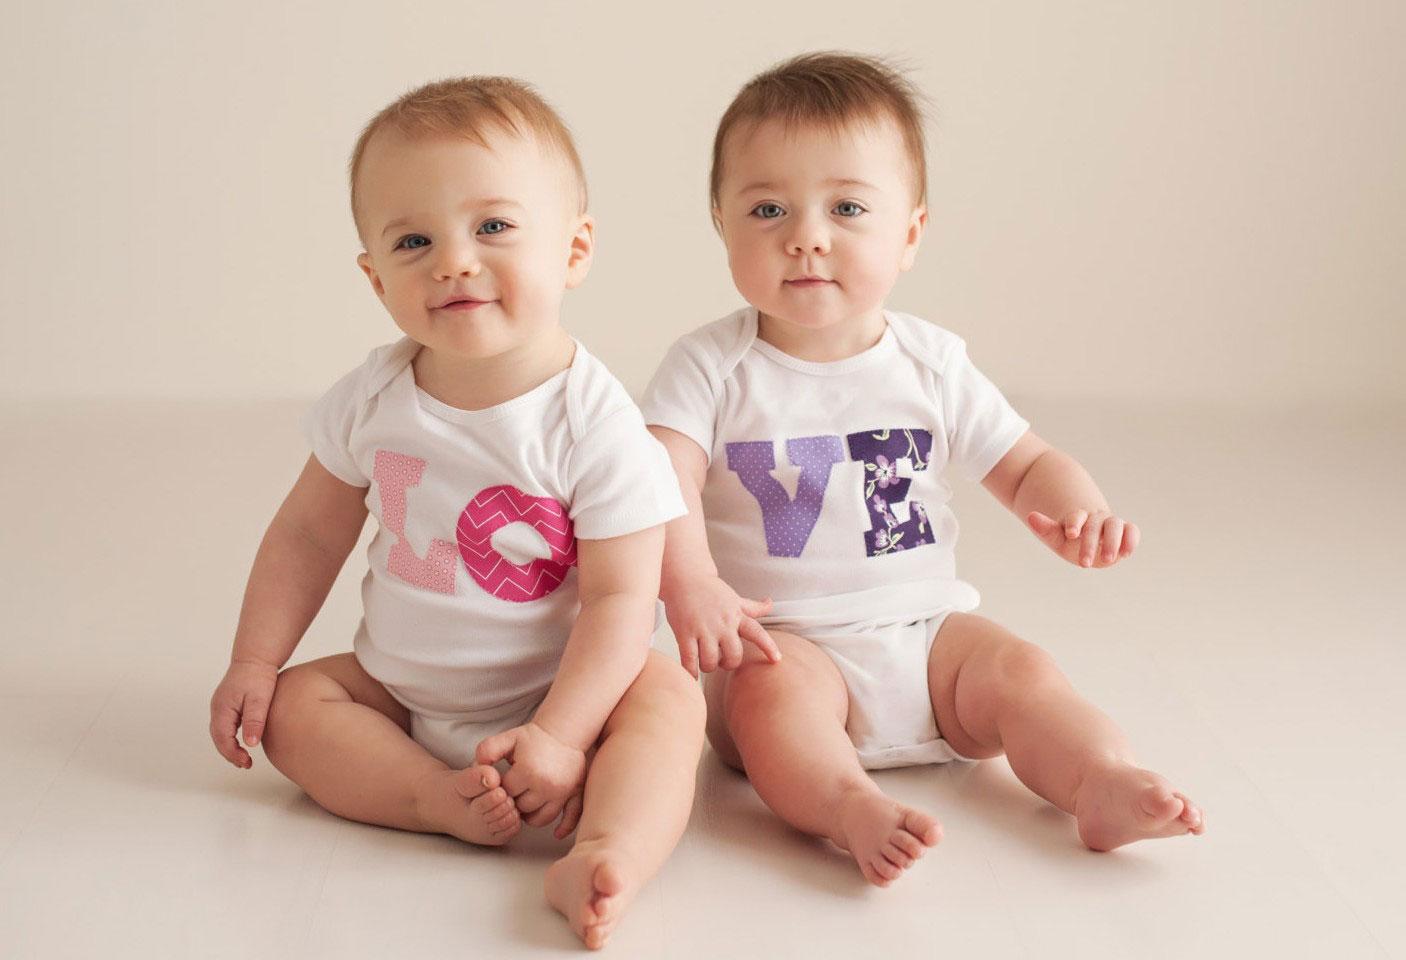 Tüp bebek diğer bebeklerden farklı mı